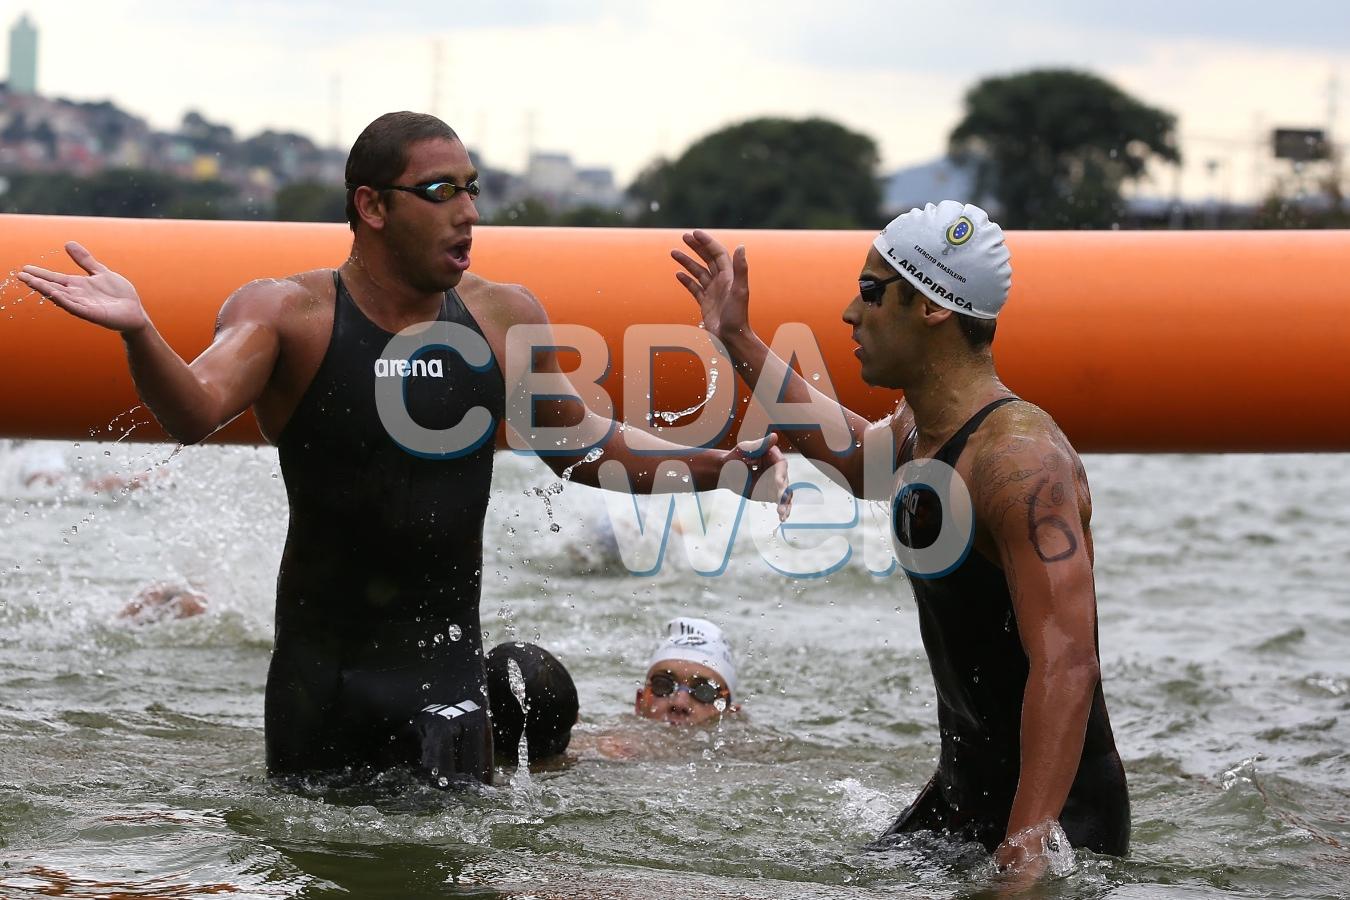 Samuel de Bona, Carlos Rogerio Arapicara. 54º Trofeu Maria Lenk de Maratonas Aquaticas na raia Olimpica da USP. 26 de abril de 2014, Sao Paulo, SP, Brasil. Foto: Satiro Sodre/SSPress